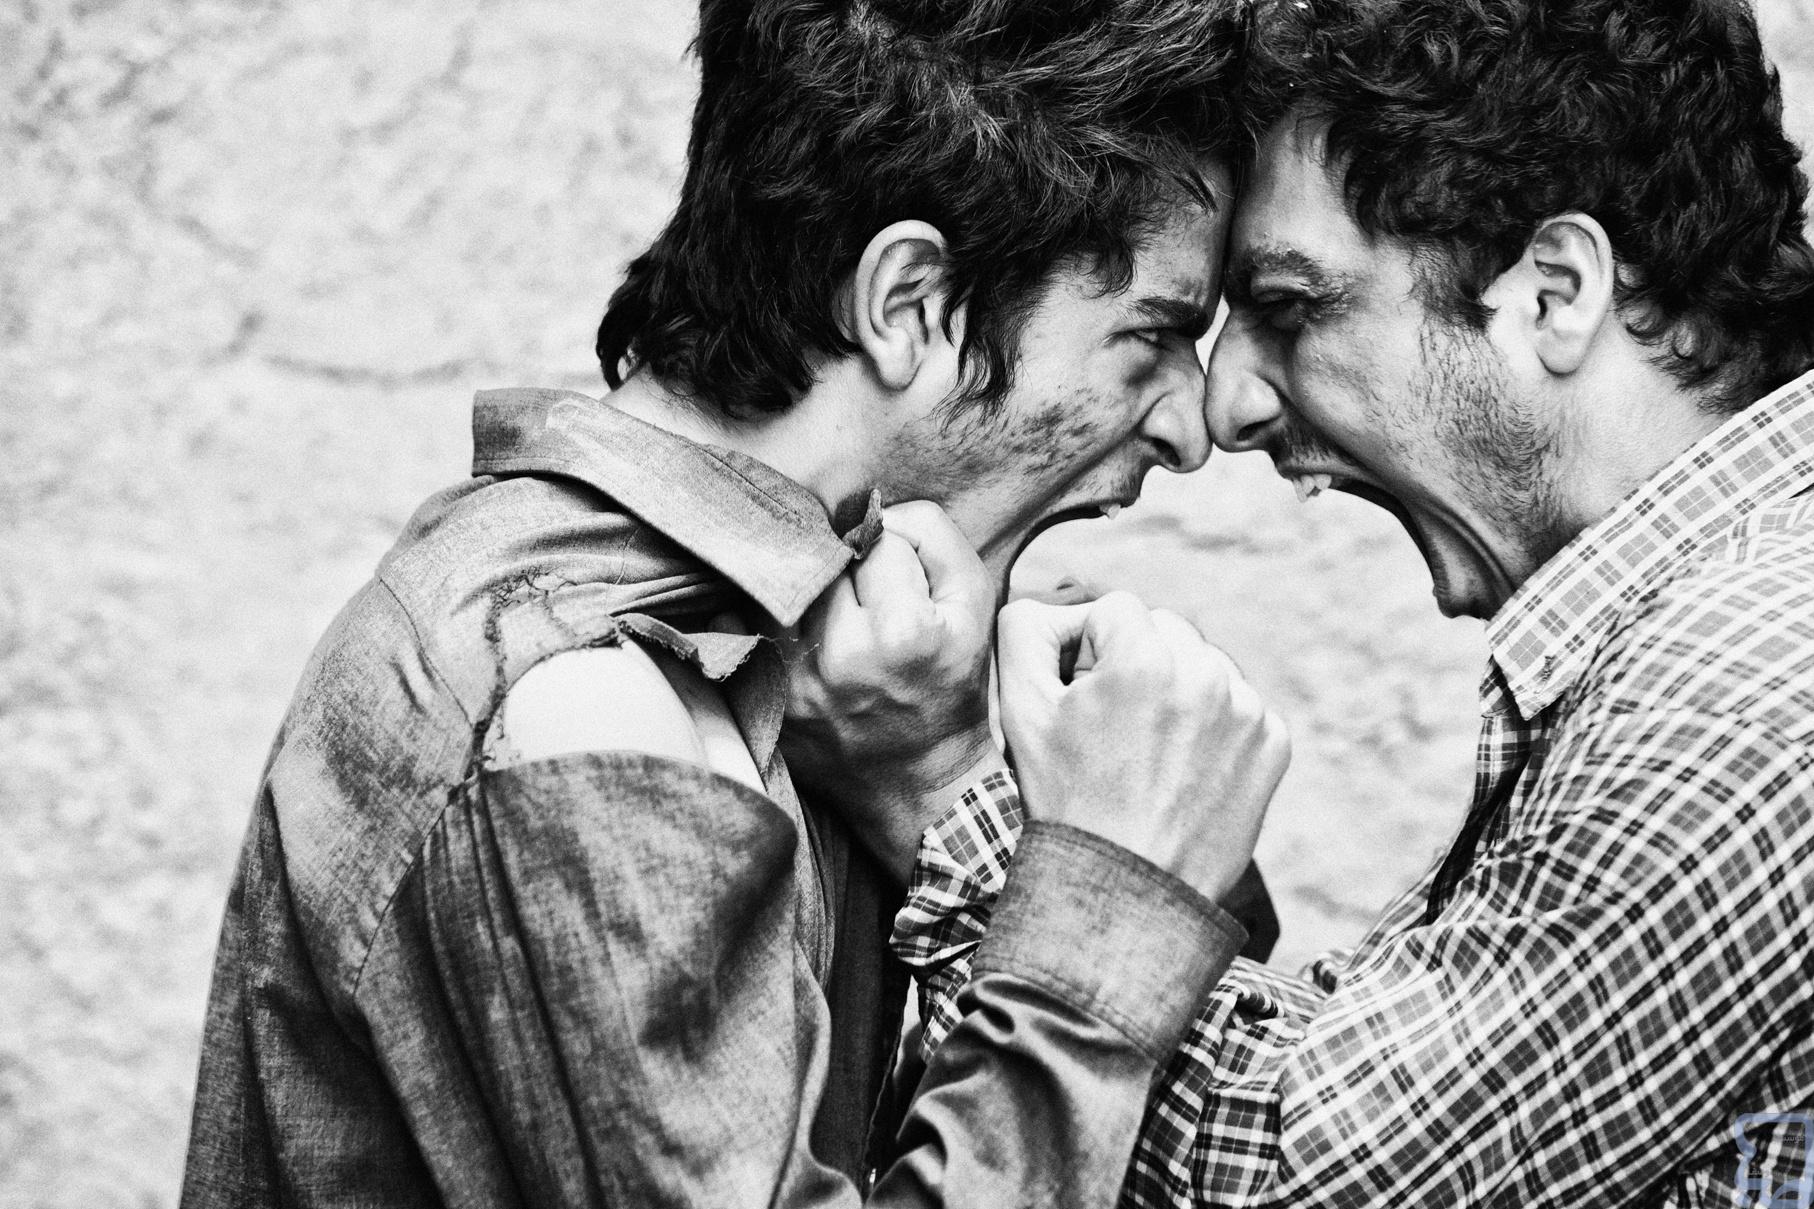 بیش از 18میلیون ایرانی دچار اختلالات روانی